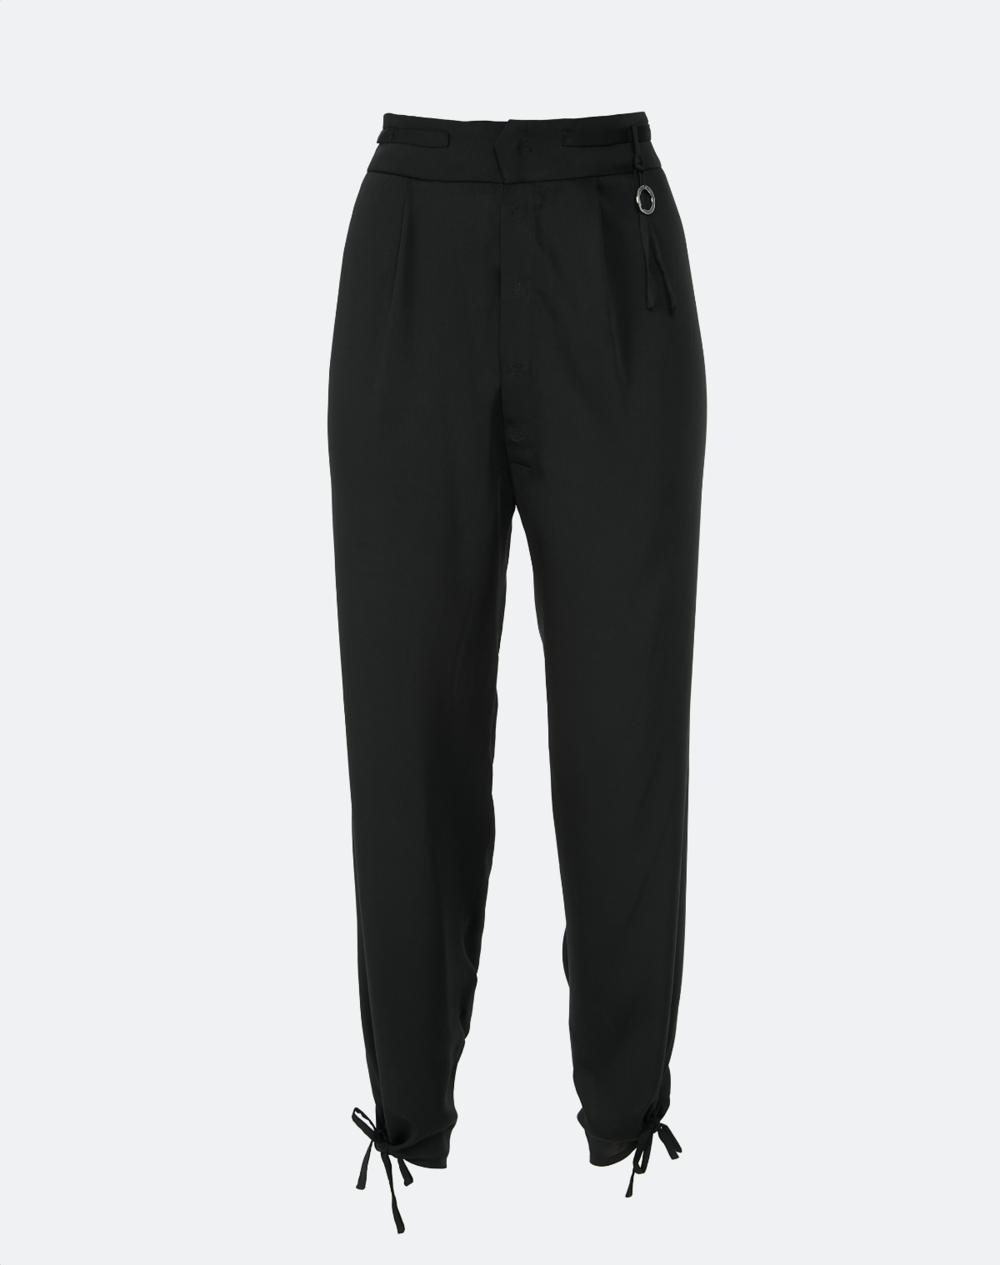 Spodnie Jack z kolekcji Six Essential Pants, projekt Ania Kuczyńska